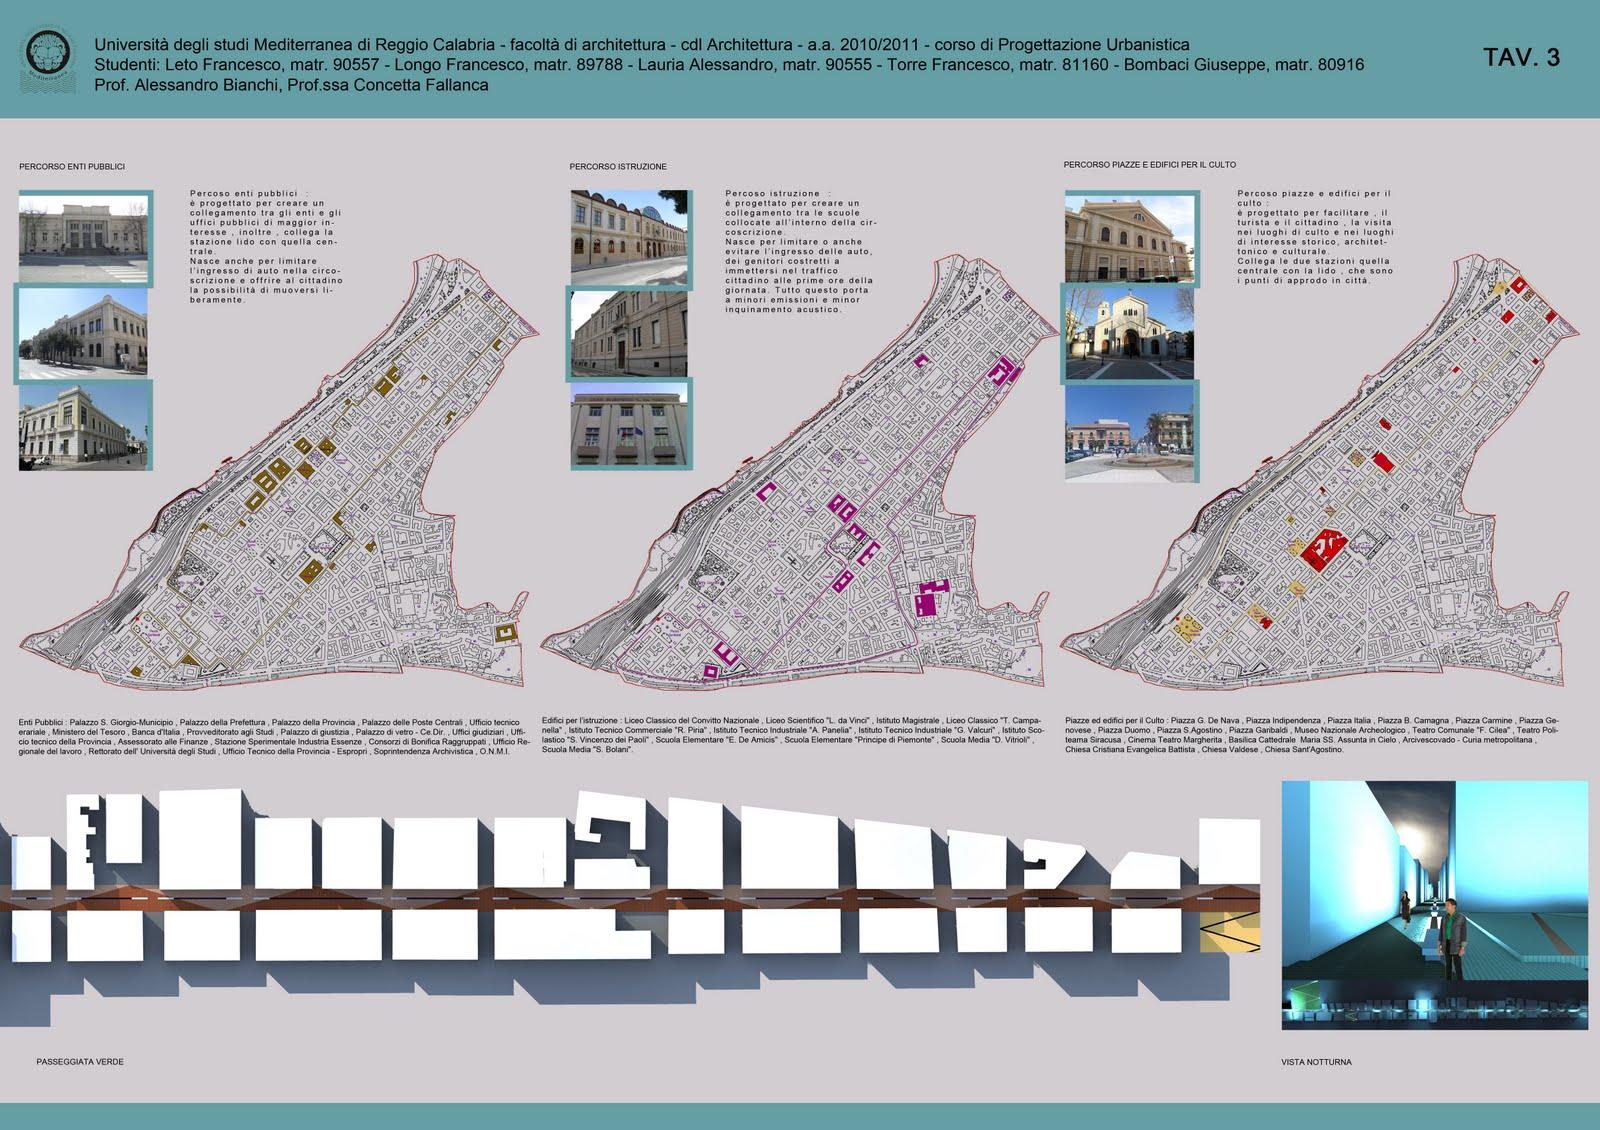 Laboratorio di progettazione urbanistica c fallanca for Progettazione di architettura online